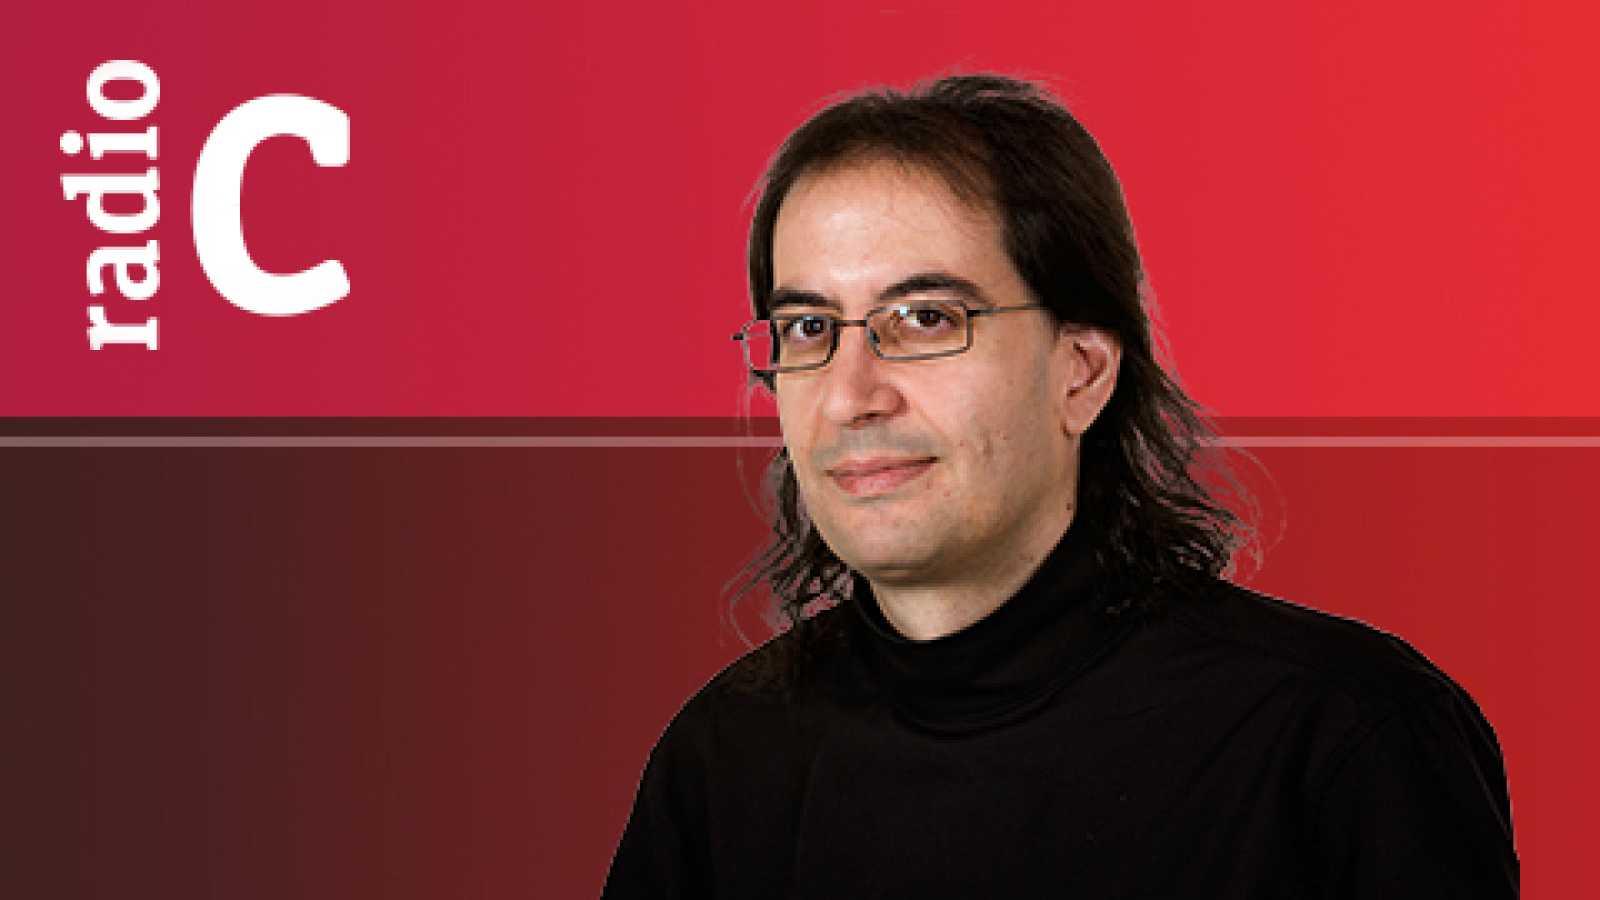 Ars sonora - Raúl Cantizano - 19/05/18 - escuchar ahora